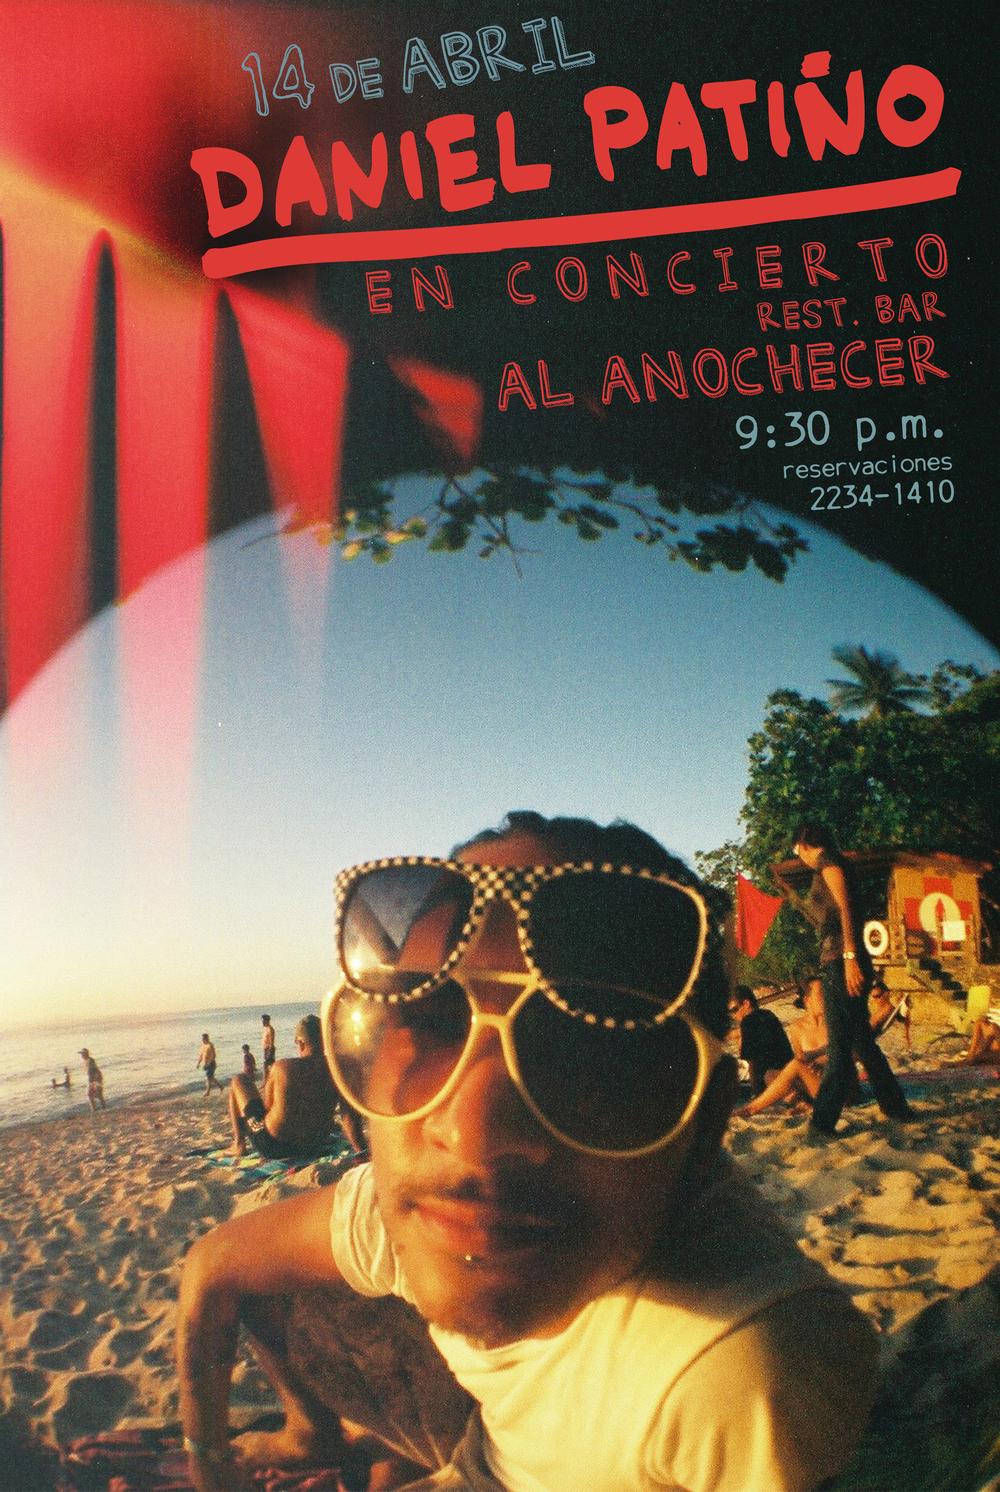 Afiche del primer concierto que realicé en Al Anochcer. 14 de abril del 2011.